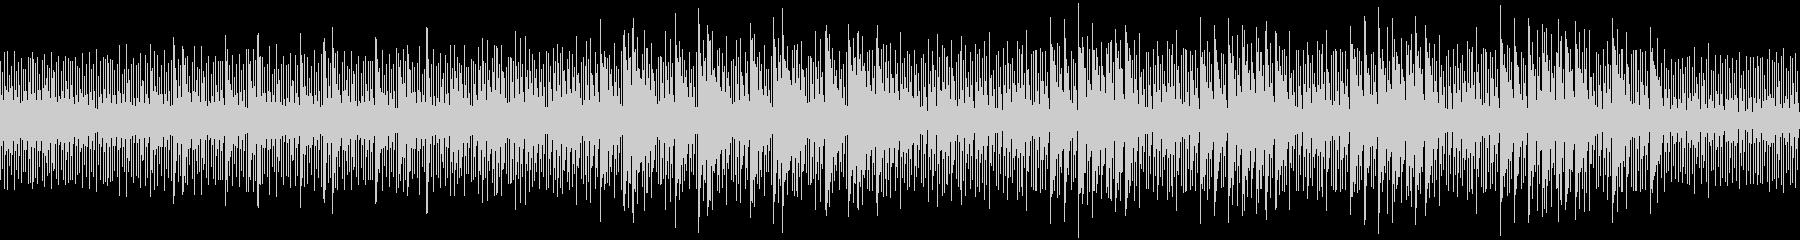 【ループ可】マリンバ主体のミニマル音楽の未再生の波形